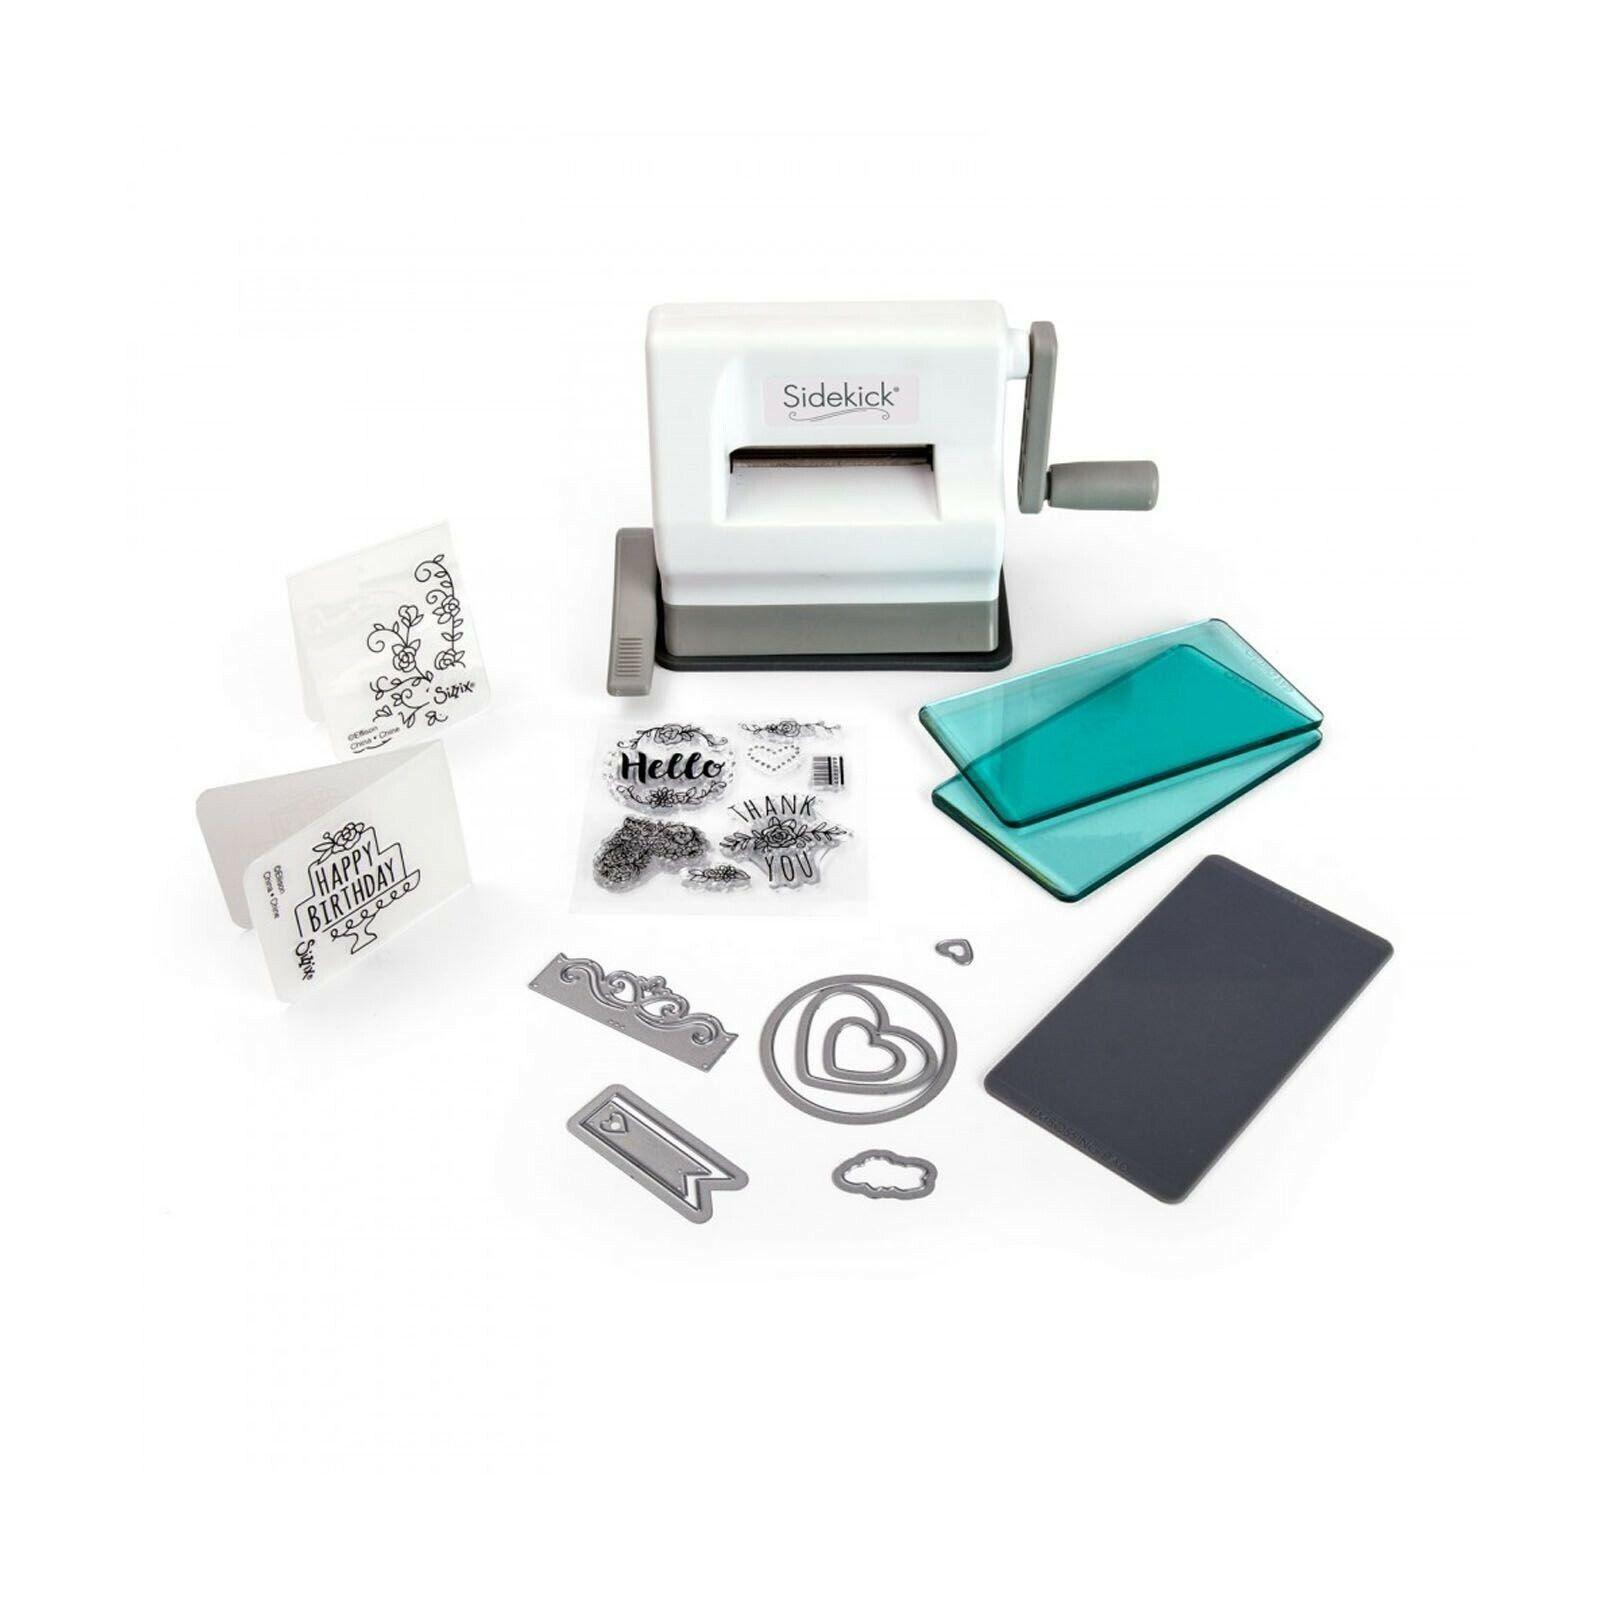 Sissix Sidekick Starter Kit Stanzmaschine Prägemaschine White